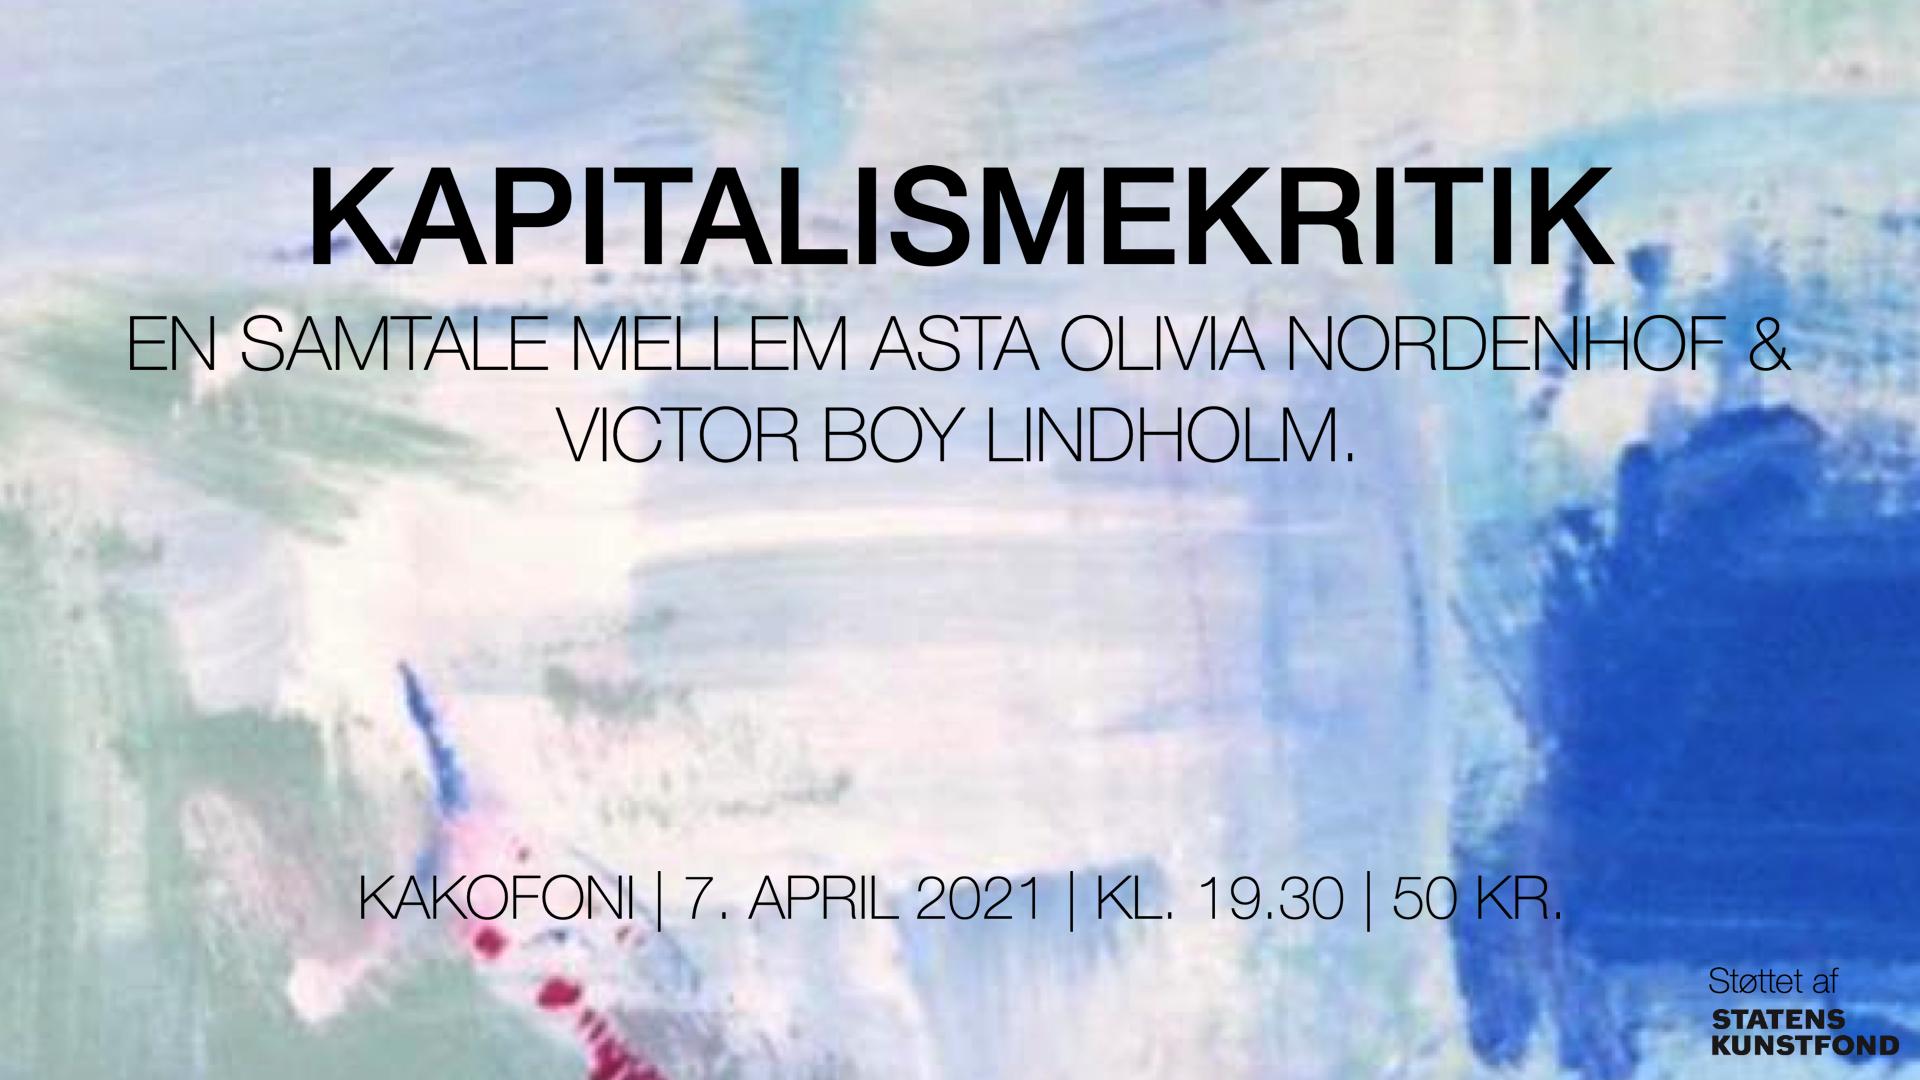 Kakofoni kapitalismekritik Asta Olivia Nordenhof Victor Boy Lindholm